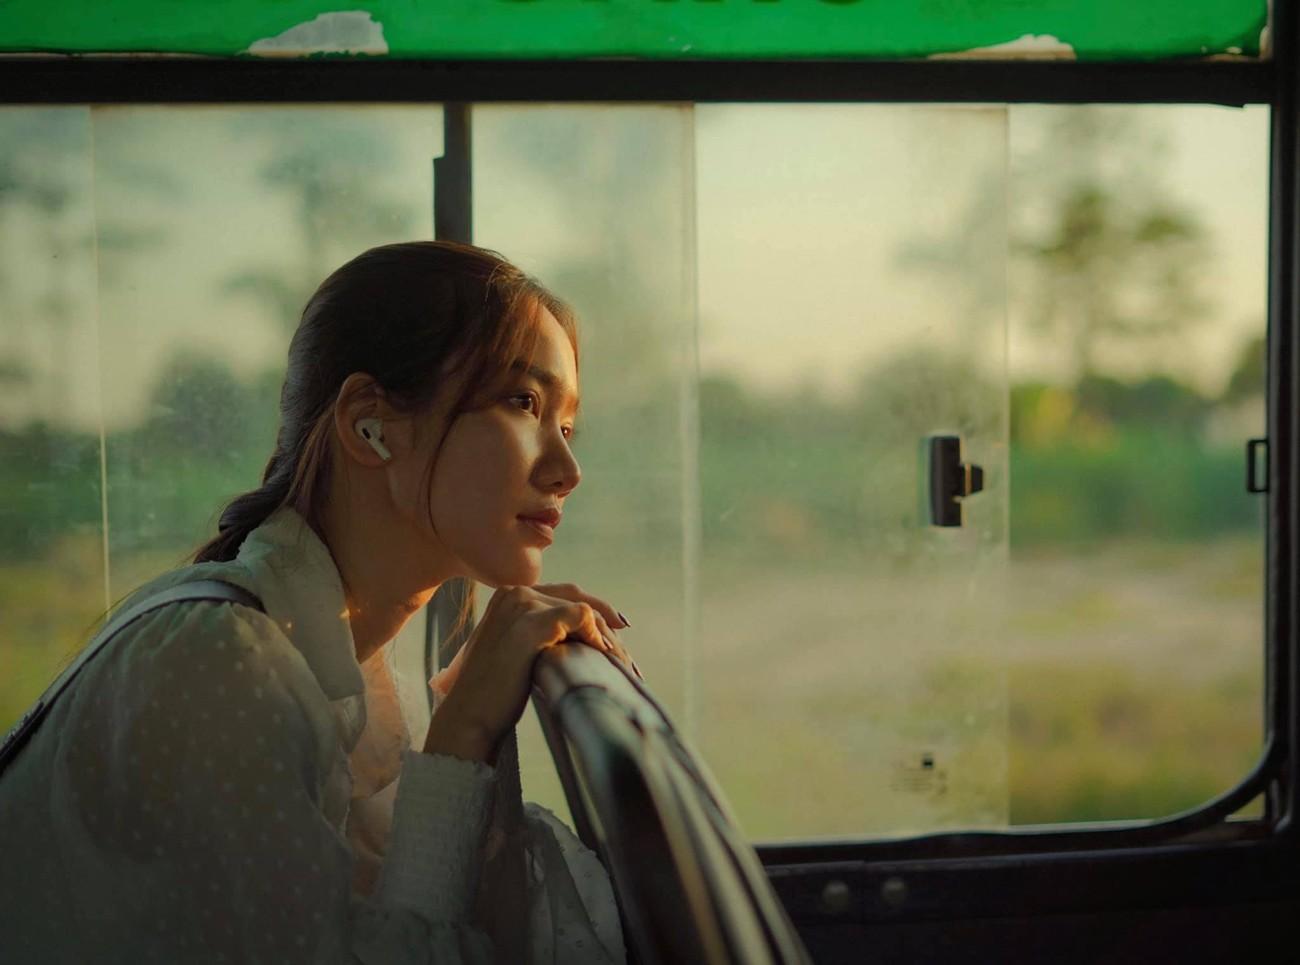 Khoảnh khắc đẹp hút hồn của cô nàng có 'Gương mặt đẹp nhất' Hoa hậu Việt Nam 2018 ảnh 6